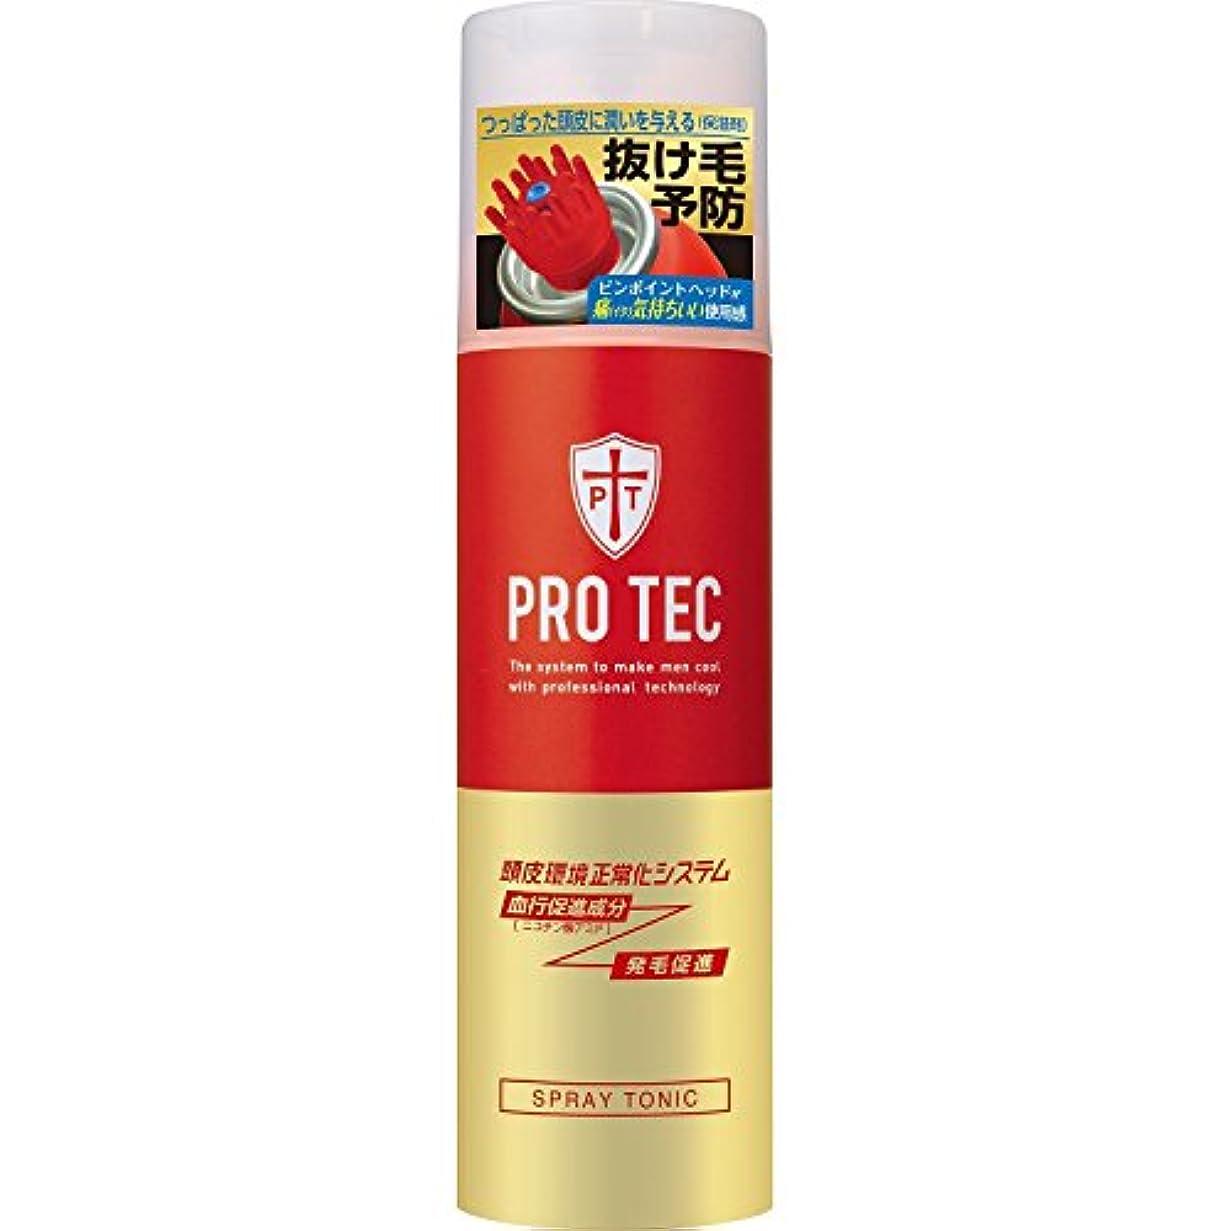 スーパー痛い二度PRO TEC(プロテク) スプレートニック 150g (医薬部外品) ×10個セット